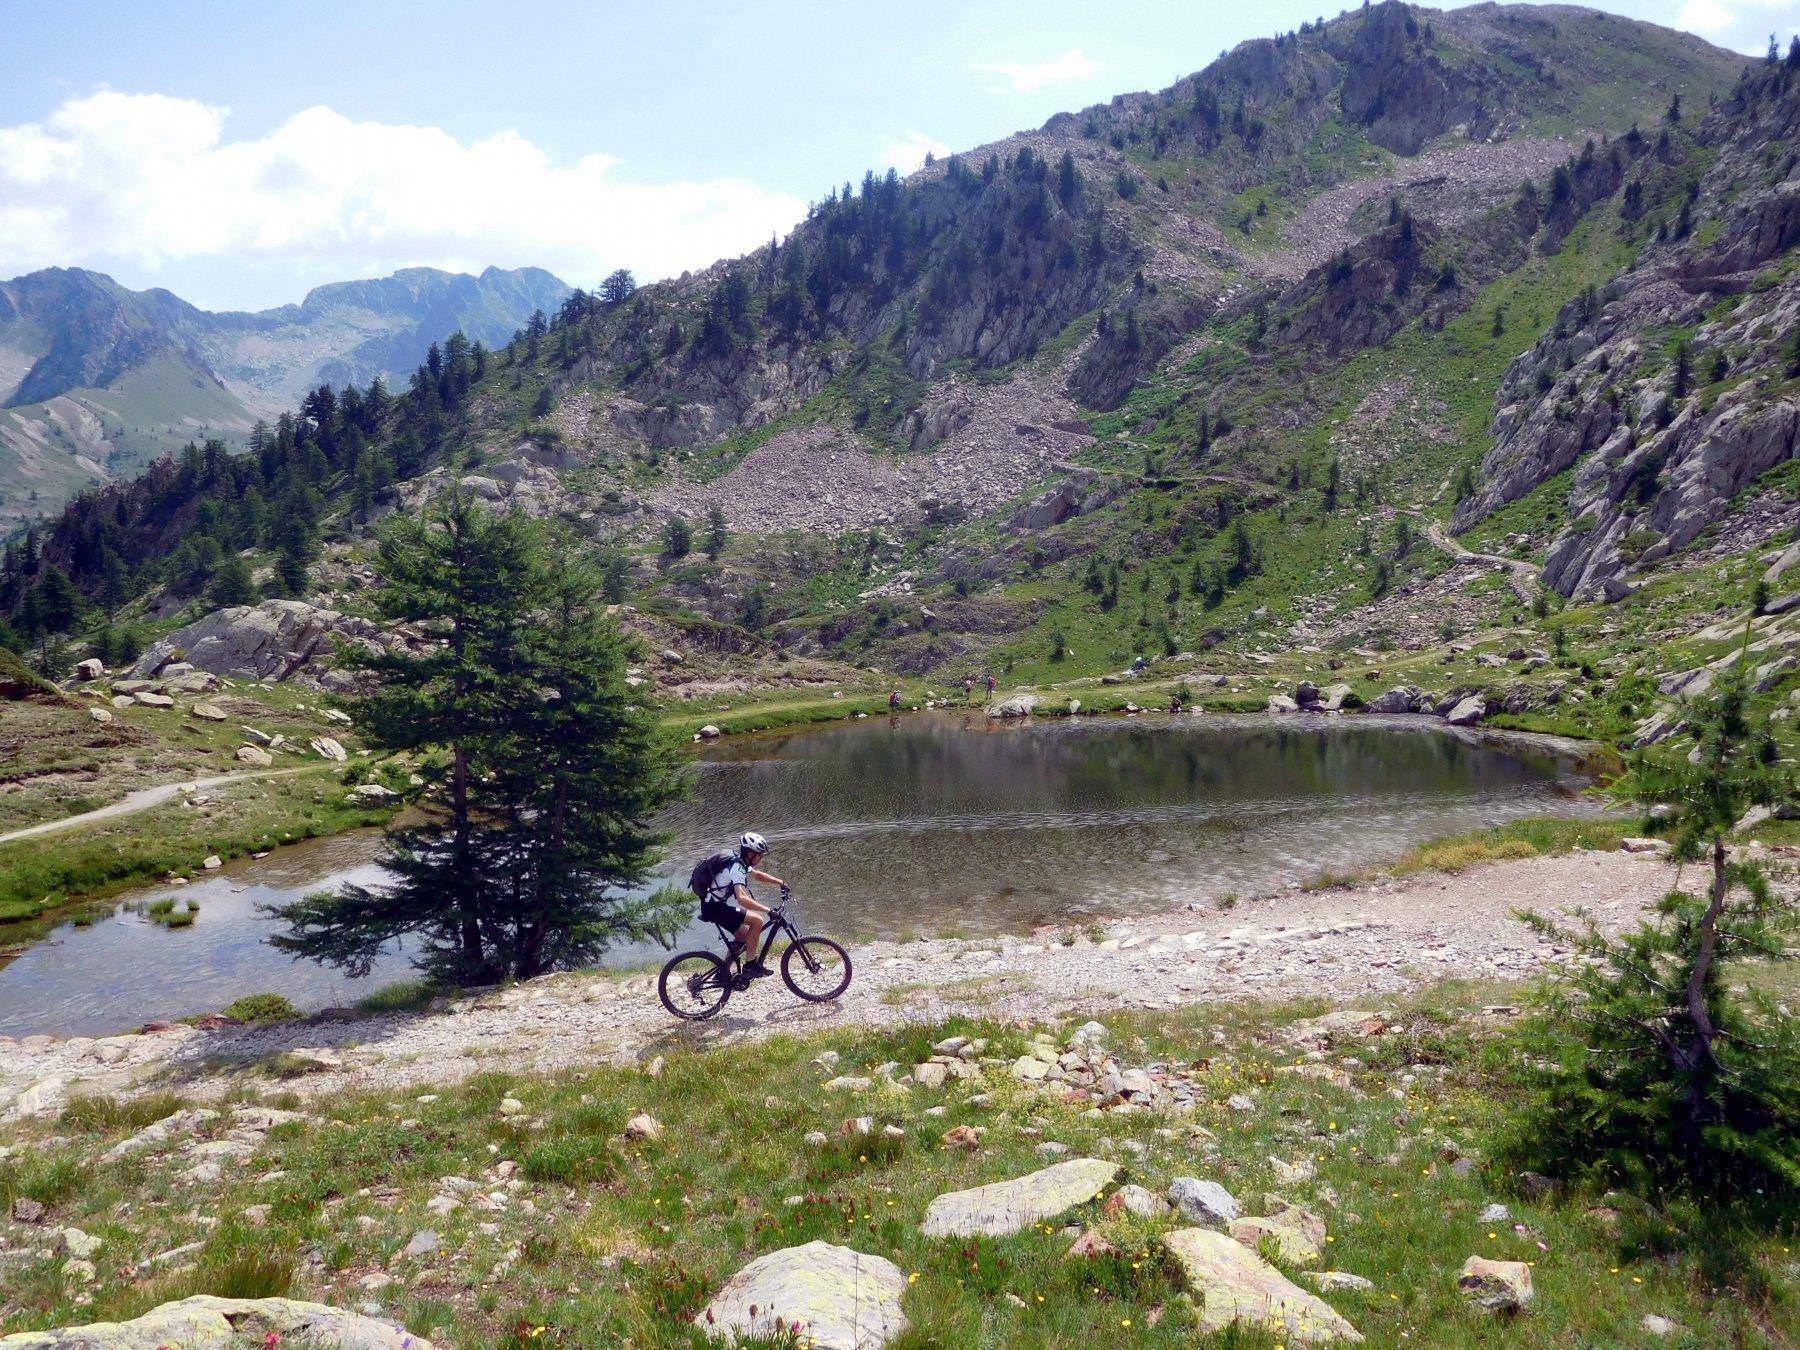 dura risalita dal lago del colle di Sant'Anna